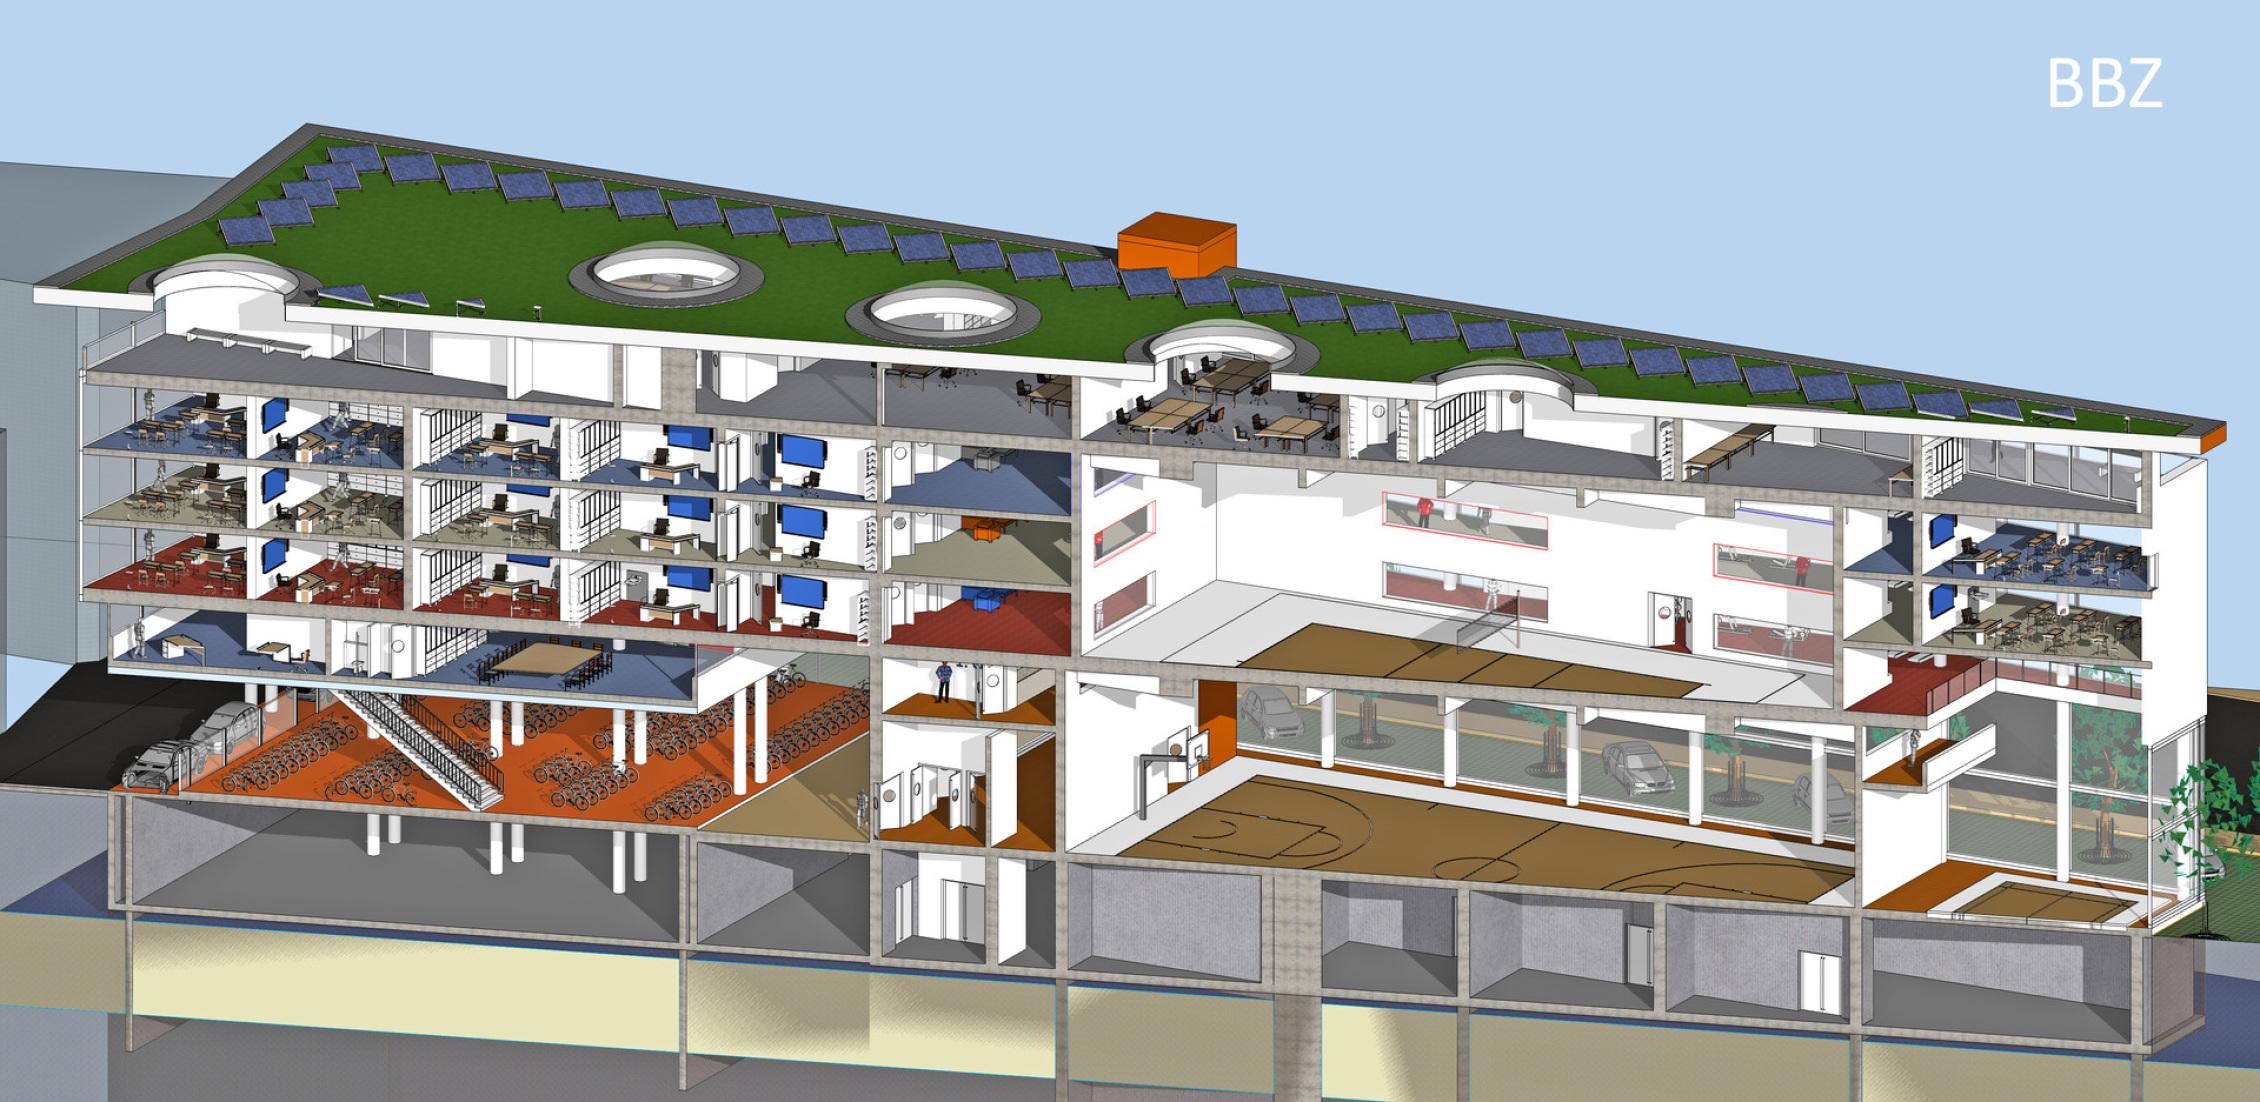 1_Diagonal_Schnitt_BBZ_Entwurf_Zürich_Schweiz_Architekt_Goebel_Baugewerbliche_Berufsschule